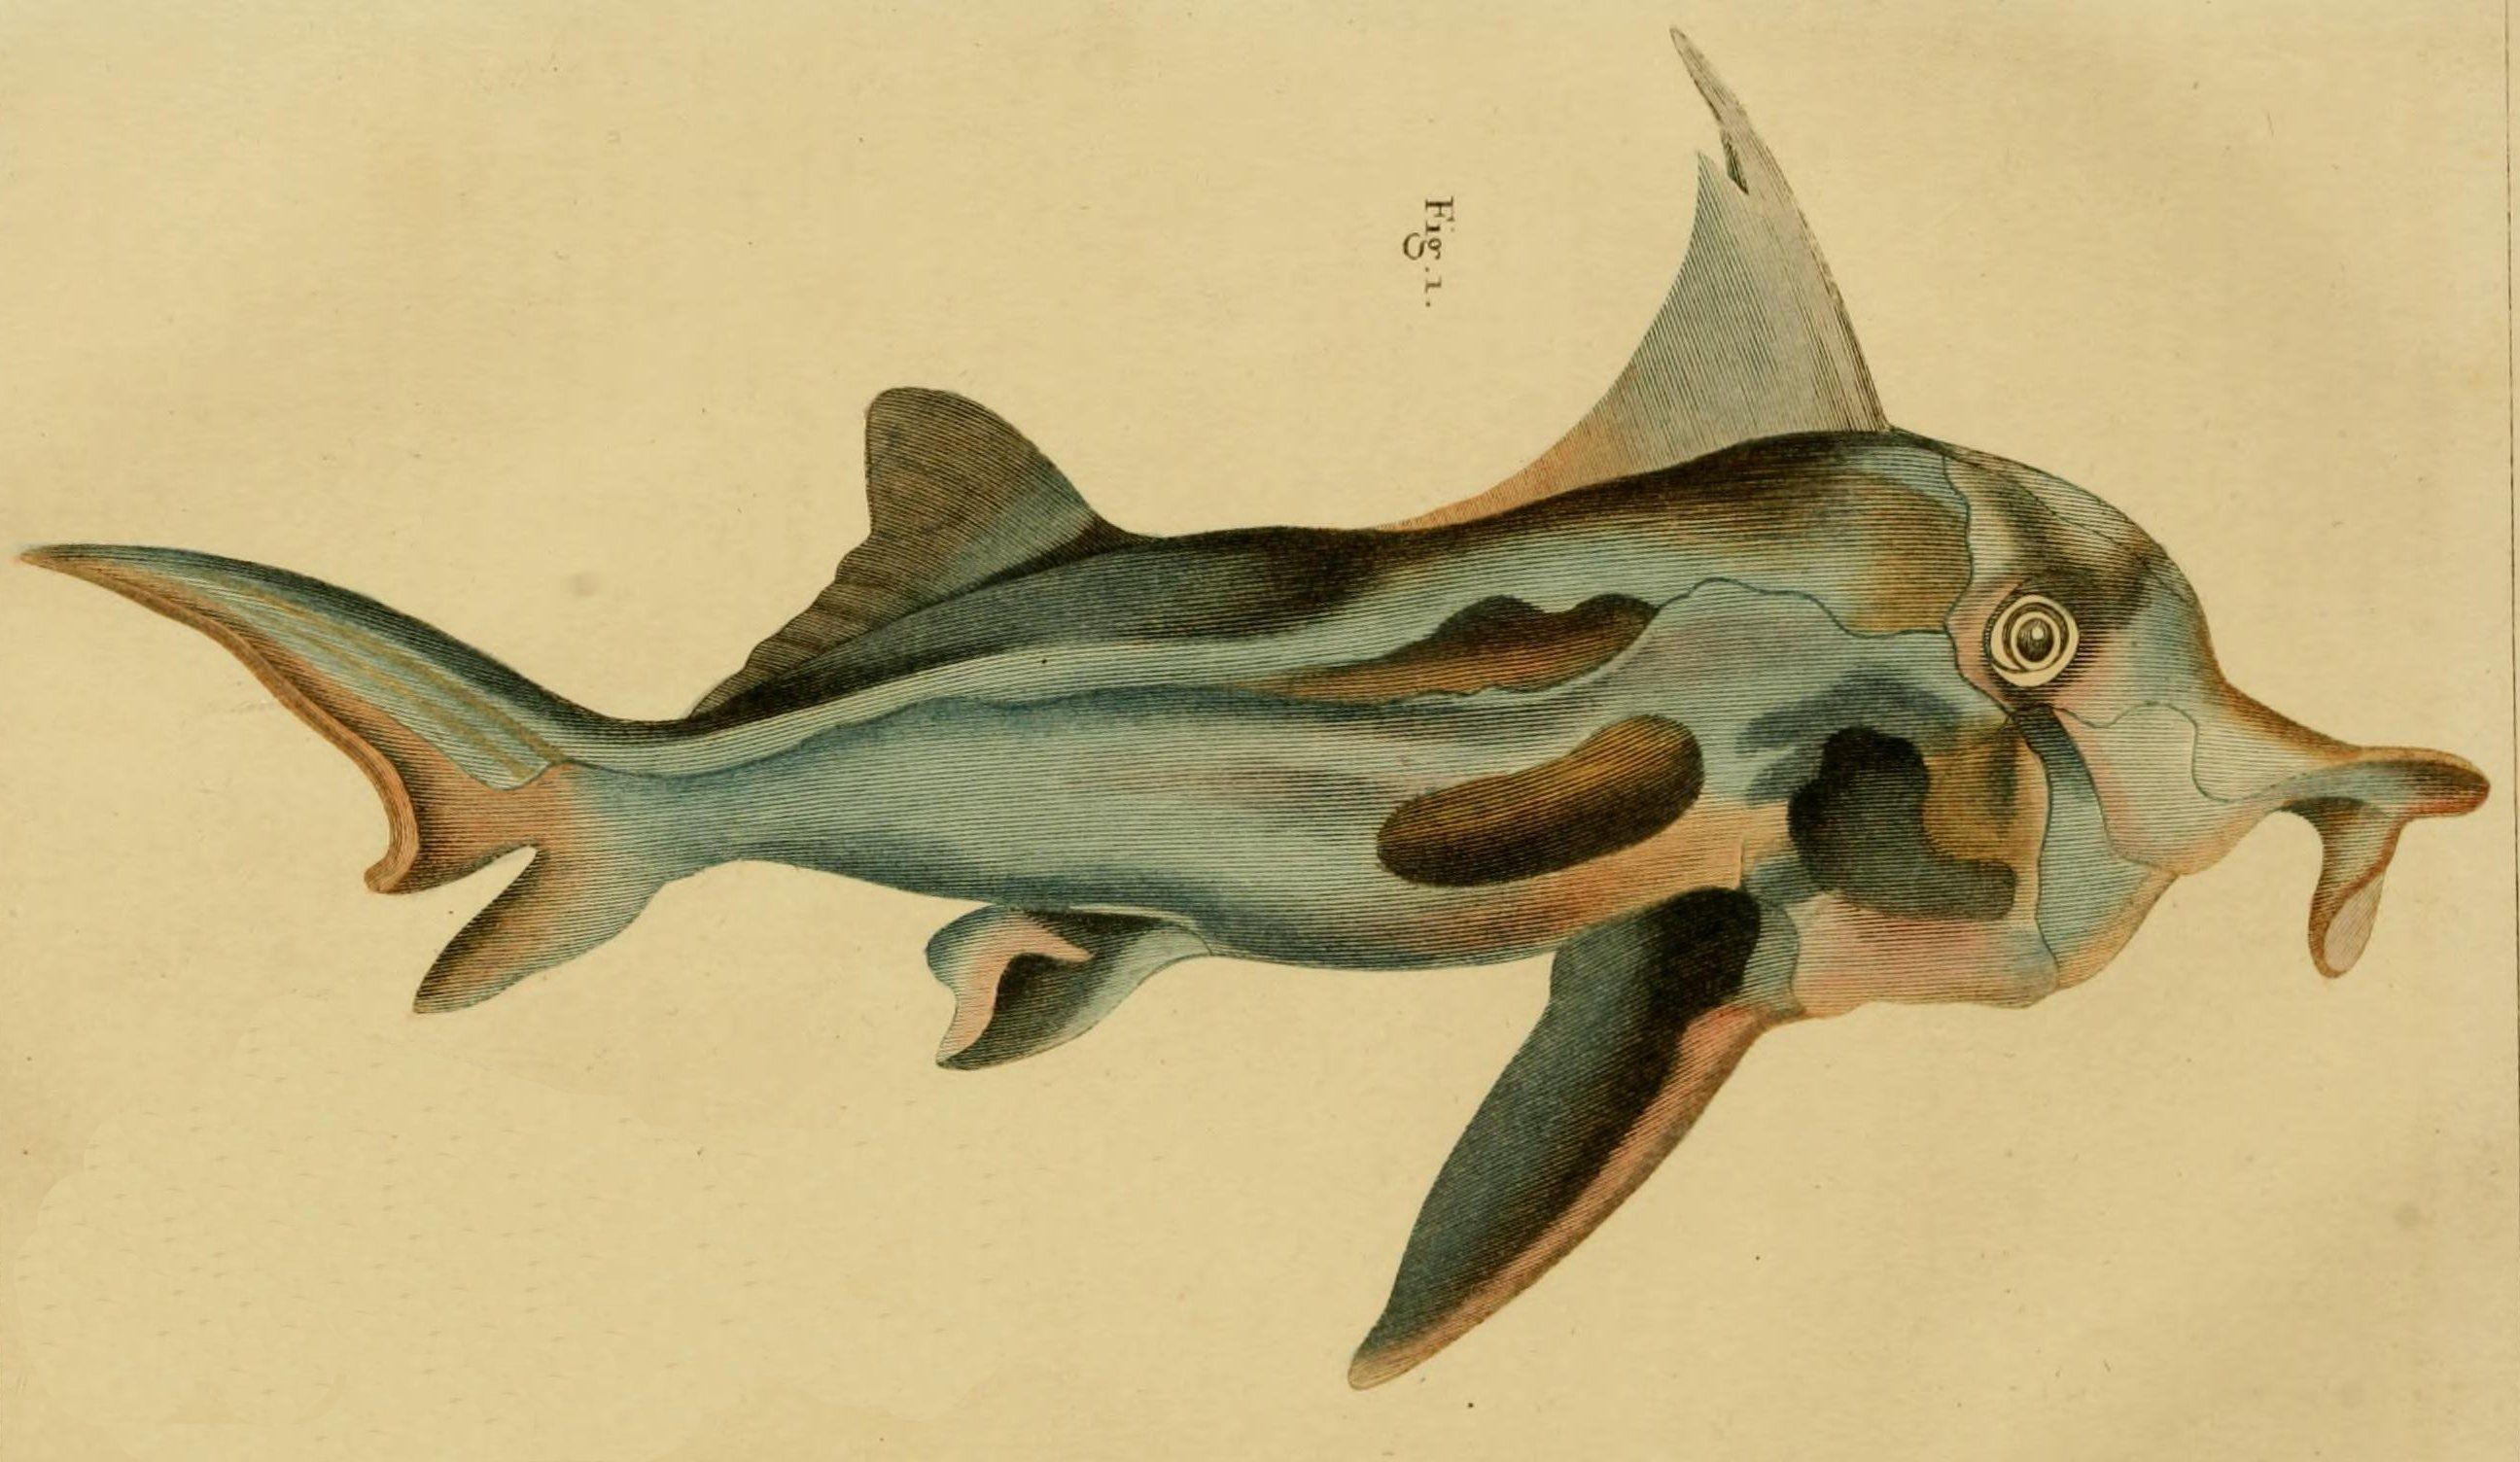 Callorhinchus milii Australian Ghost Shark Natural